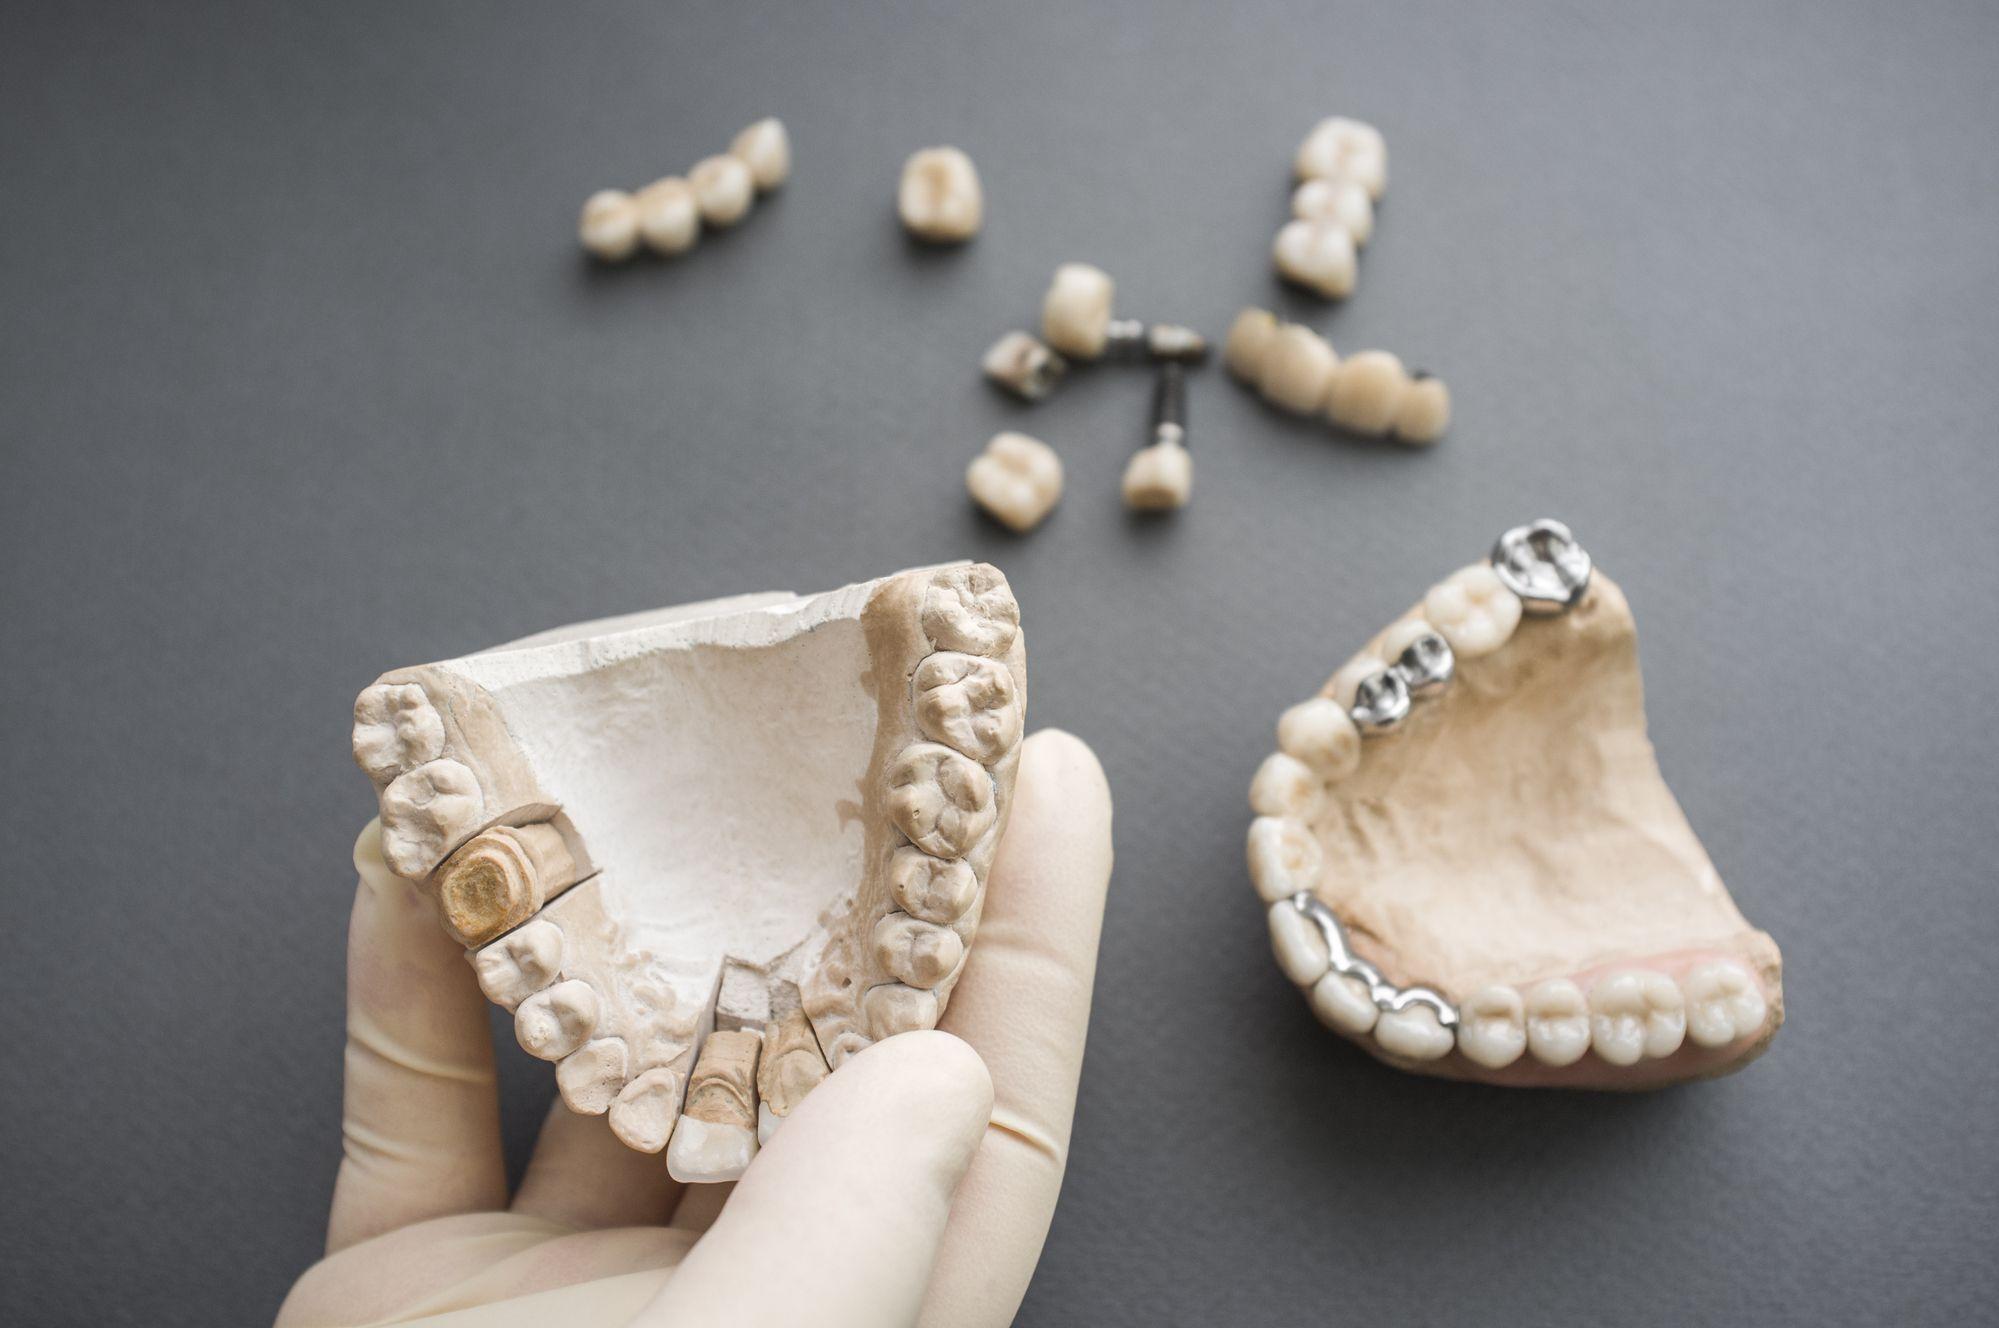 Методы фиксации съемного зубного протеза 3